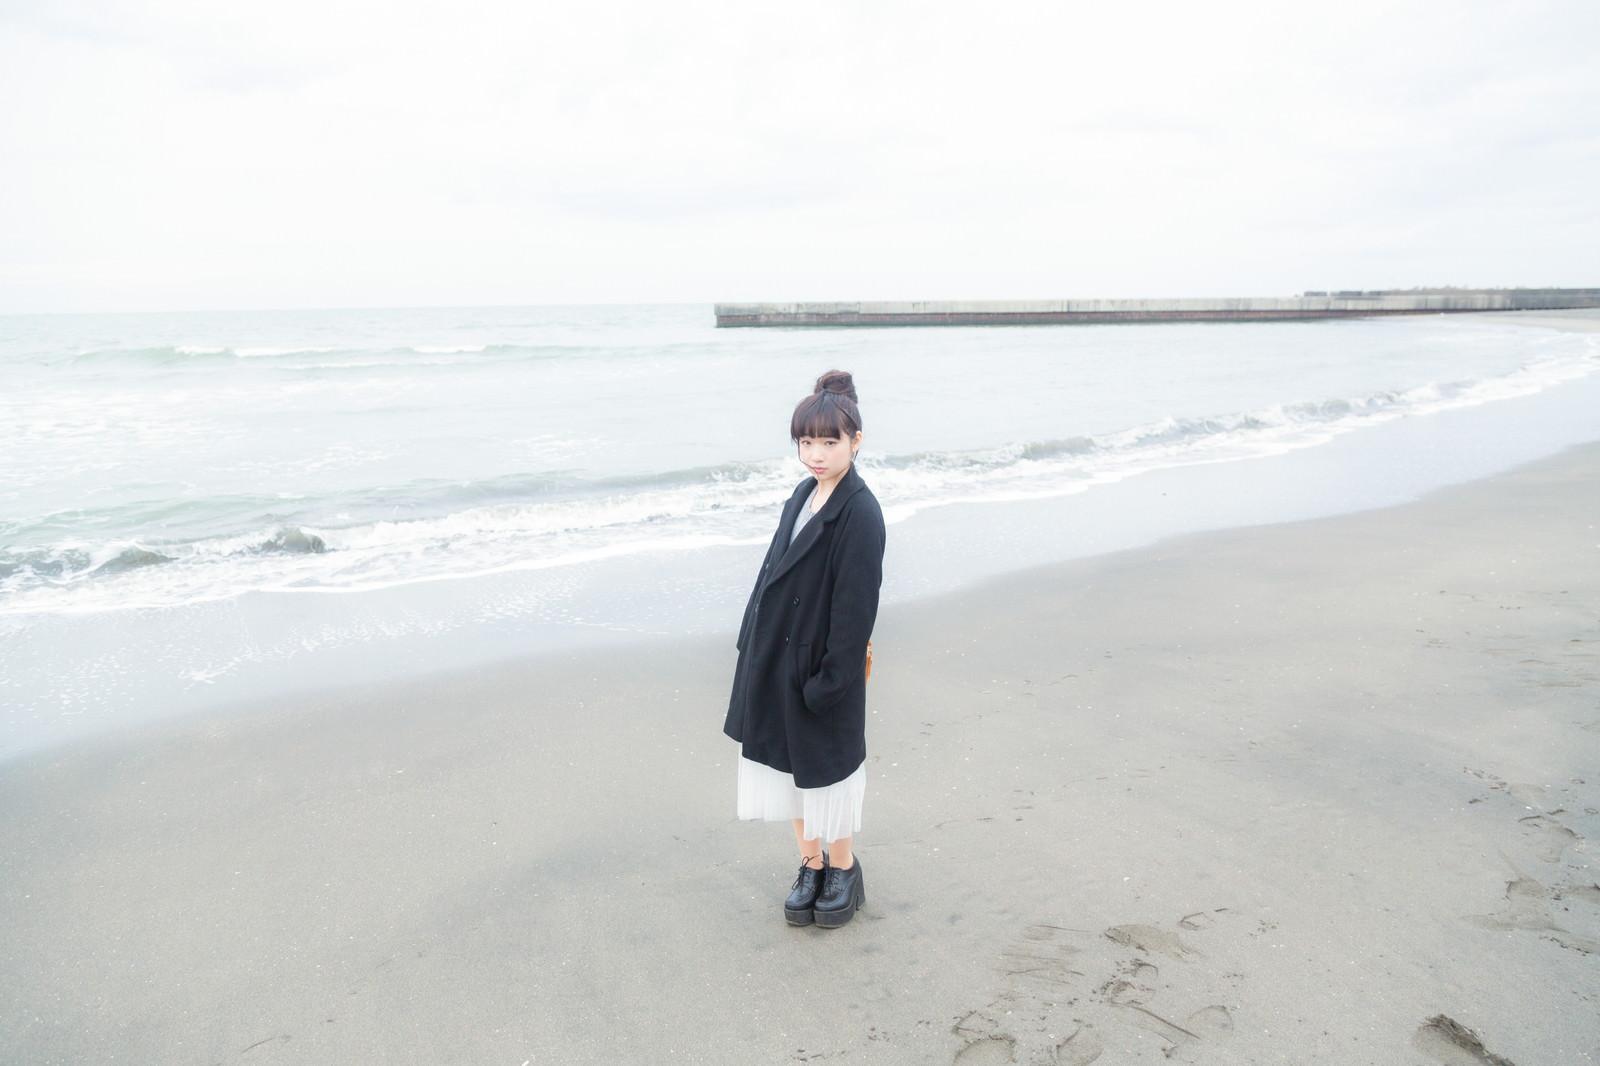 「冬の海とお団子ガール」の写真[モデル:渡辺友美子]